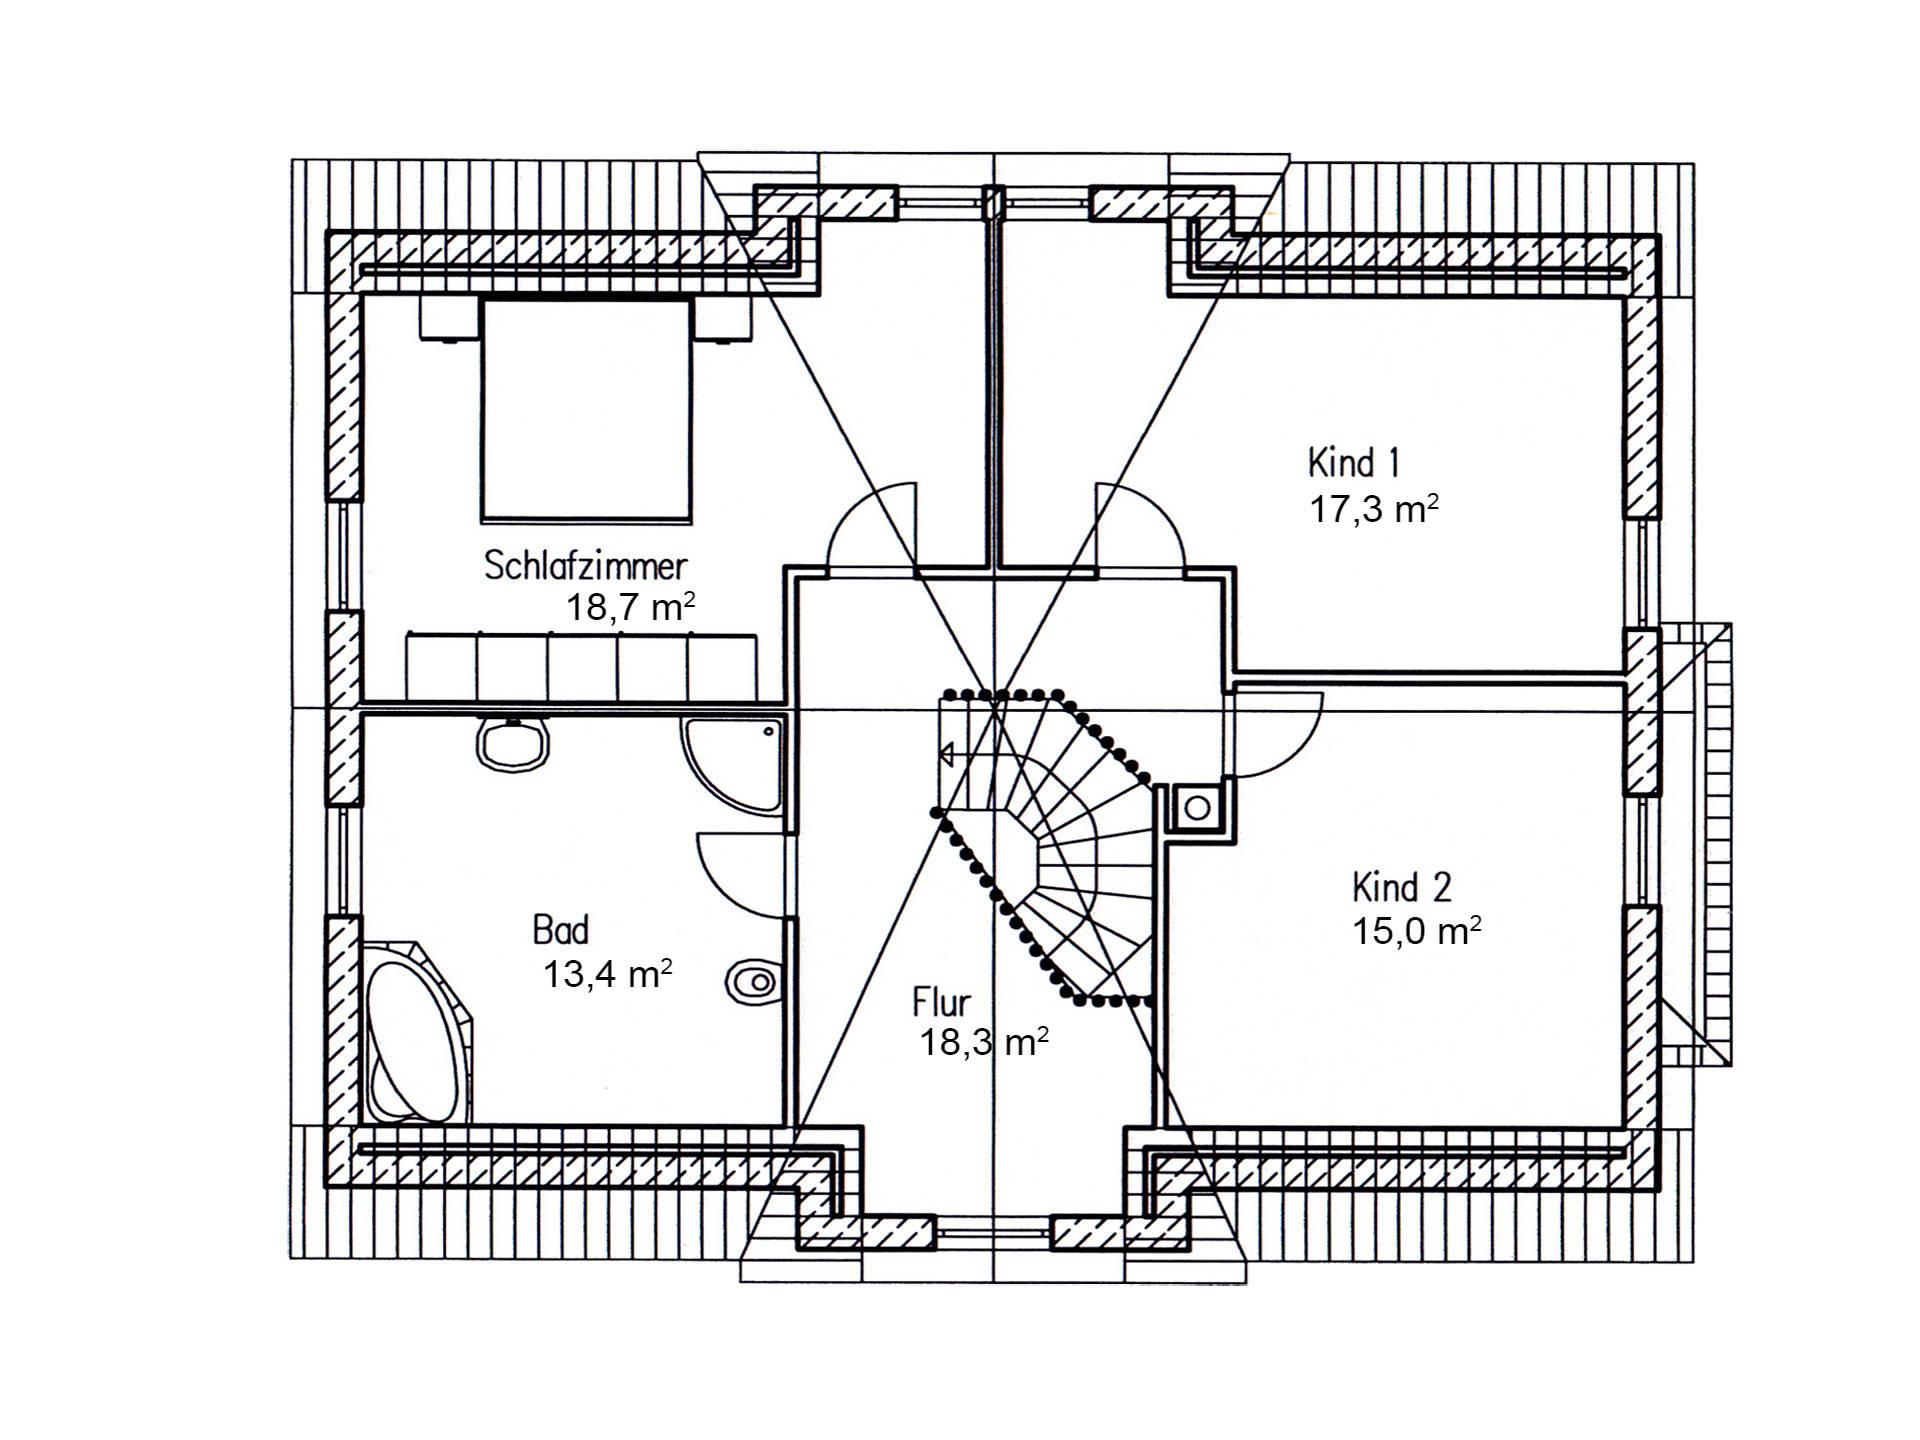 Einfamilienhaus birke 170 baufuchs massivhaus for Mustergrundrisse einfamilienhaus